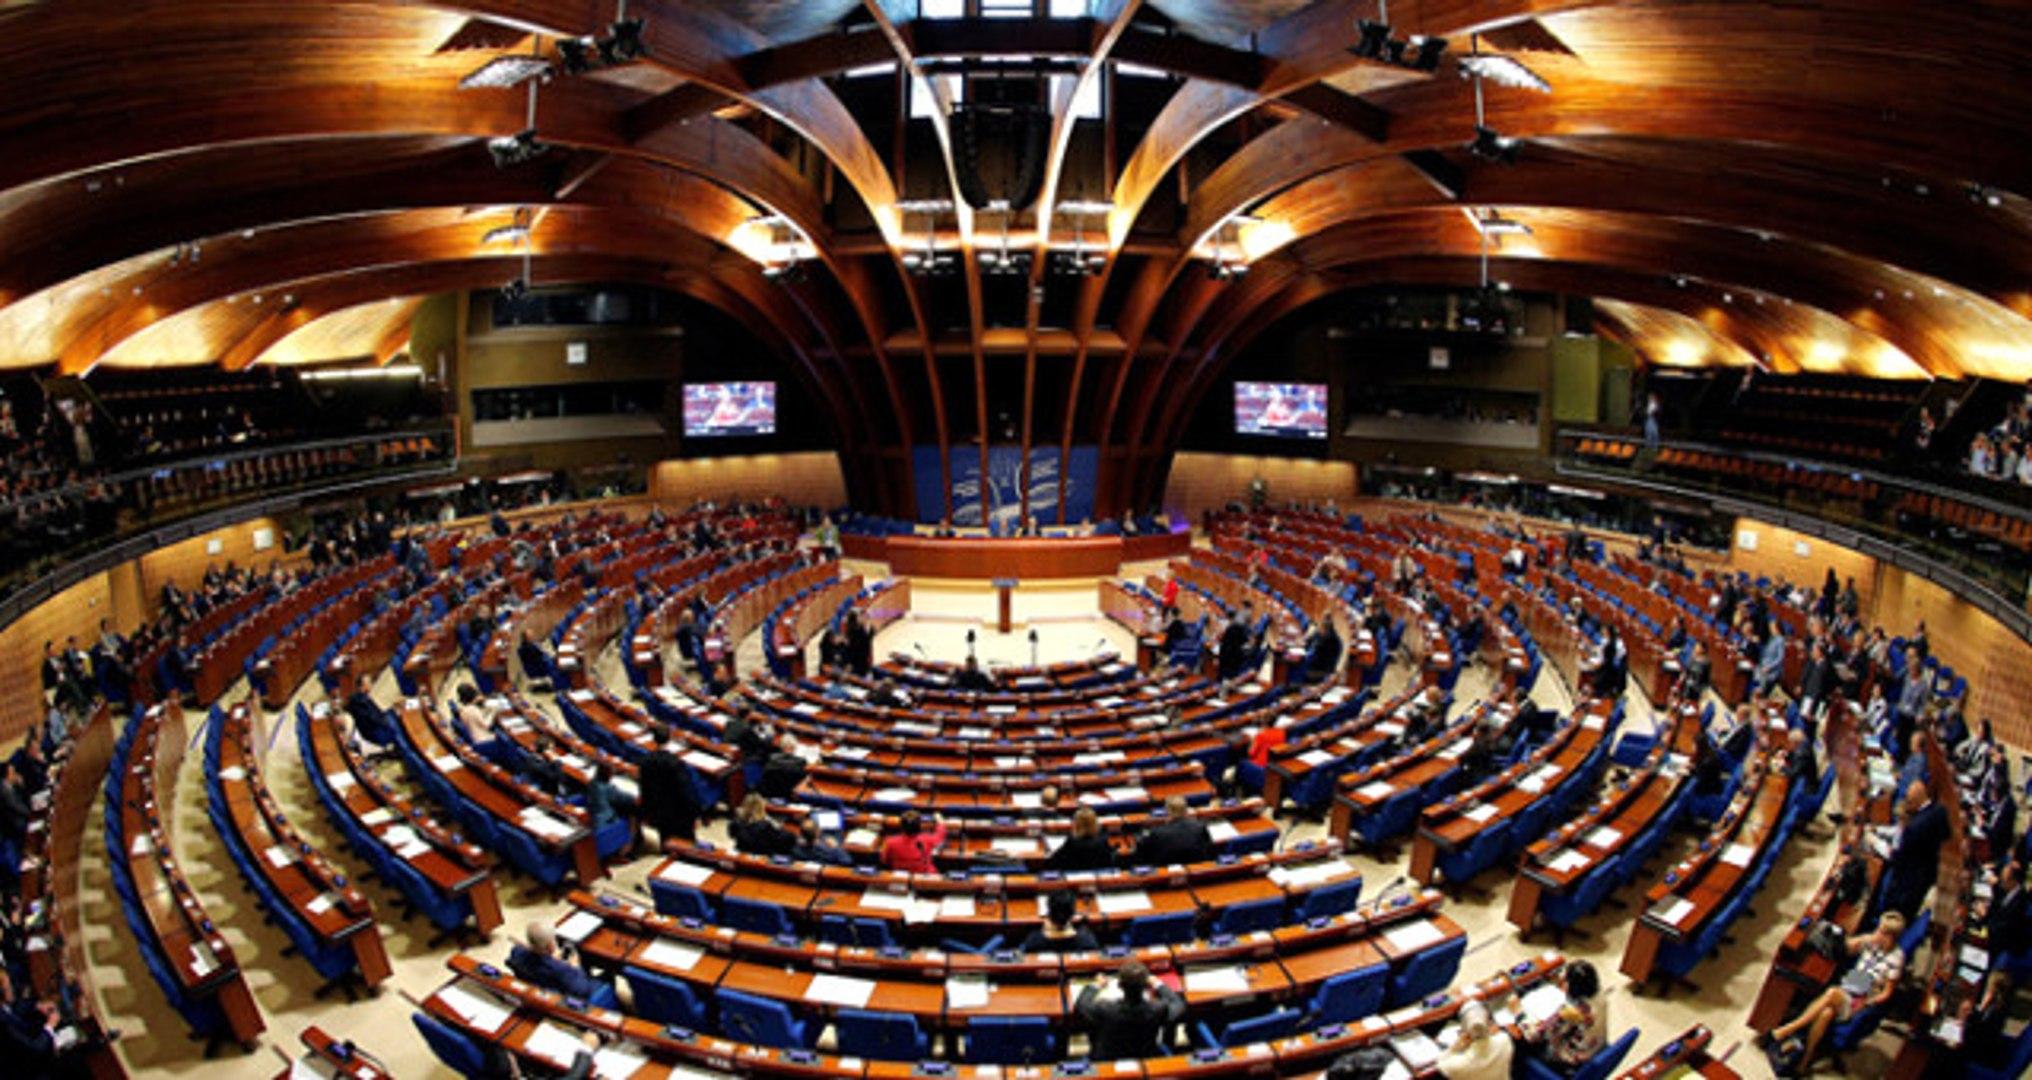 Son Dakika! Avrupa Konseyi'nden OHAL Açıklaması: Sürecin Sona Ermesinden Memnuniyet Duyuyoruz